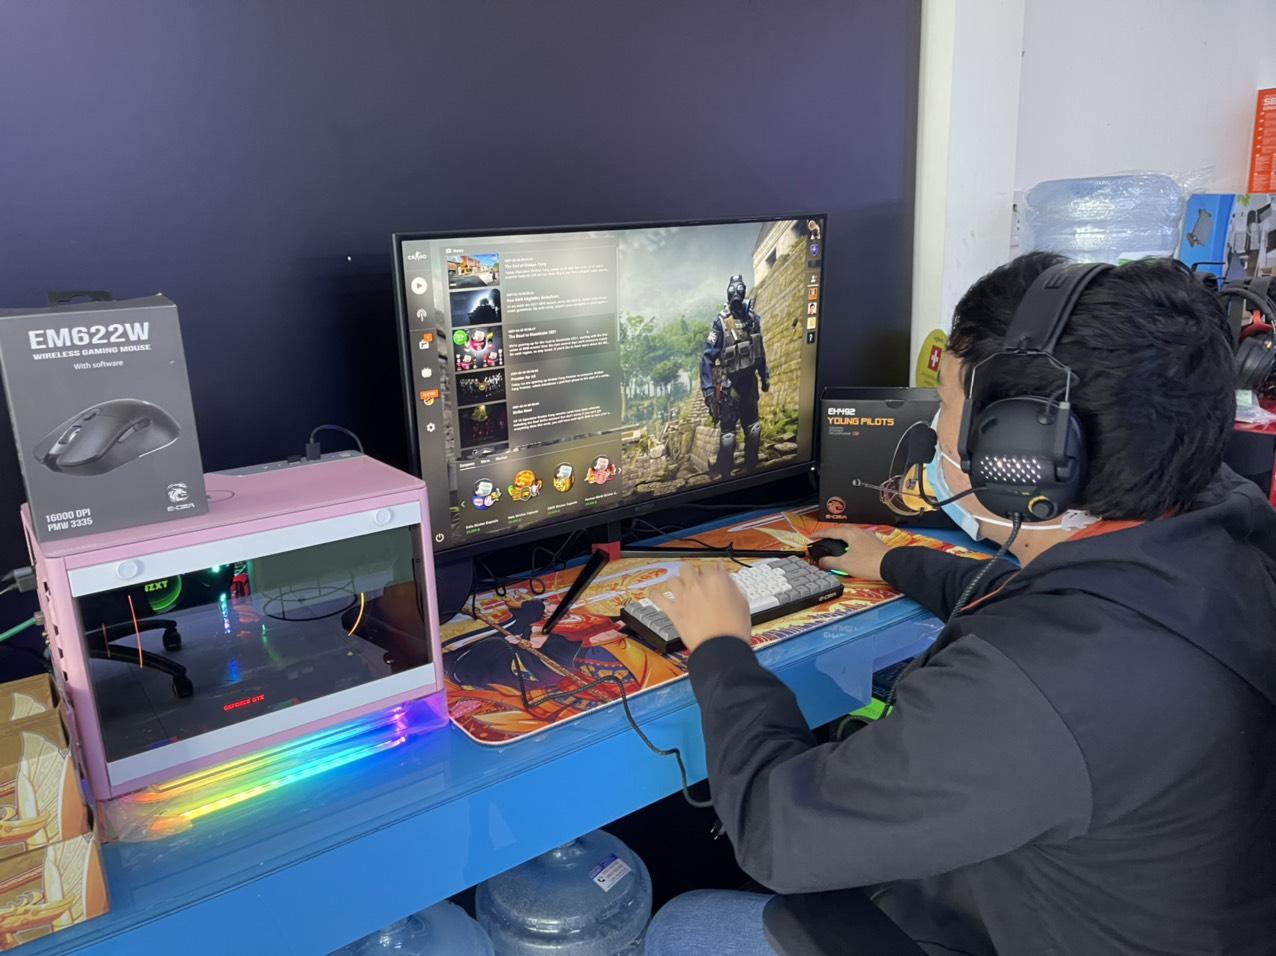 E-Dra chính thức công bố dự án sản phẩm vì sức khỏe nhưng game thủ lại chỉ hóng màn hình đầu tiên của hãng